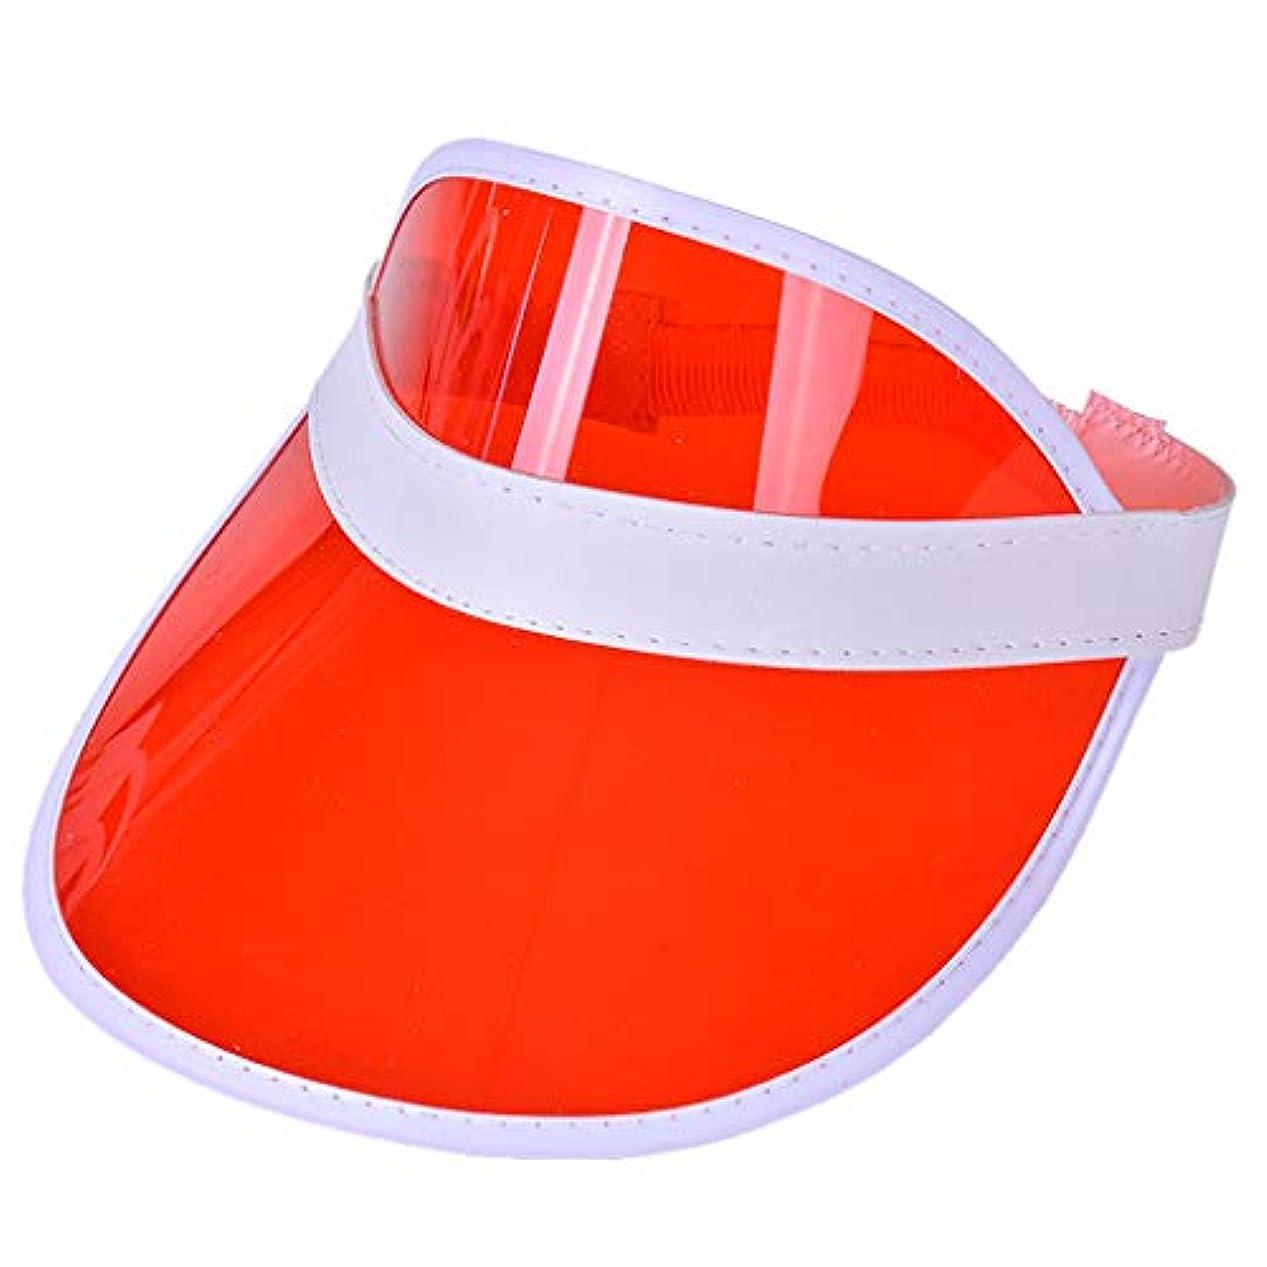 出演者日帰り旅行にダーベビルのテスレディースクリアハット帽子レインバイザー UVカットユニセックスアウトドア野球帽帽子